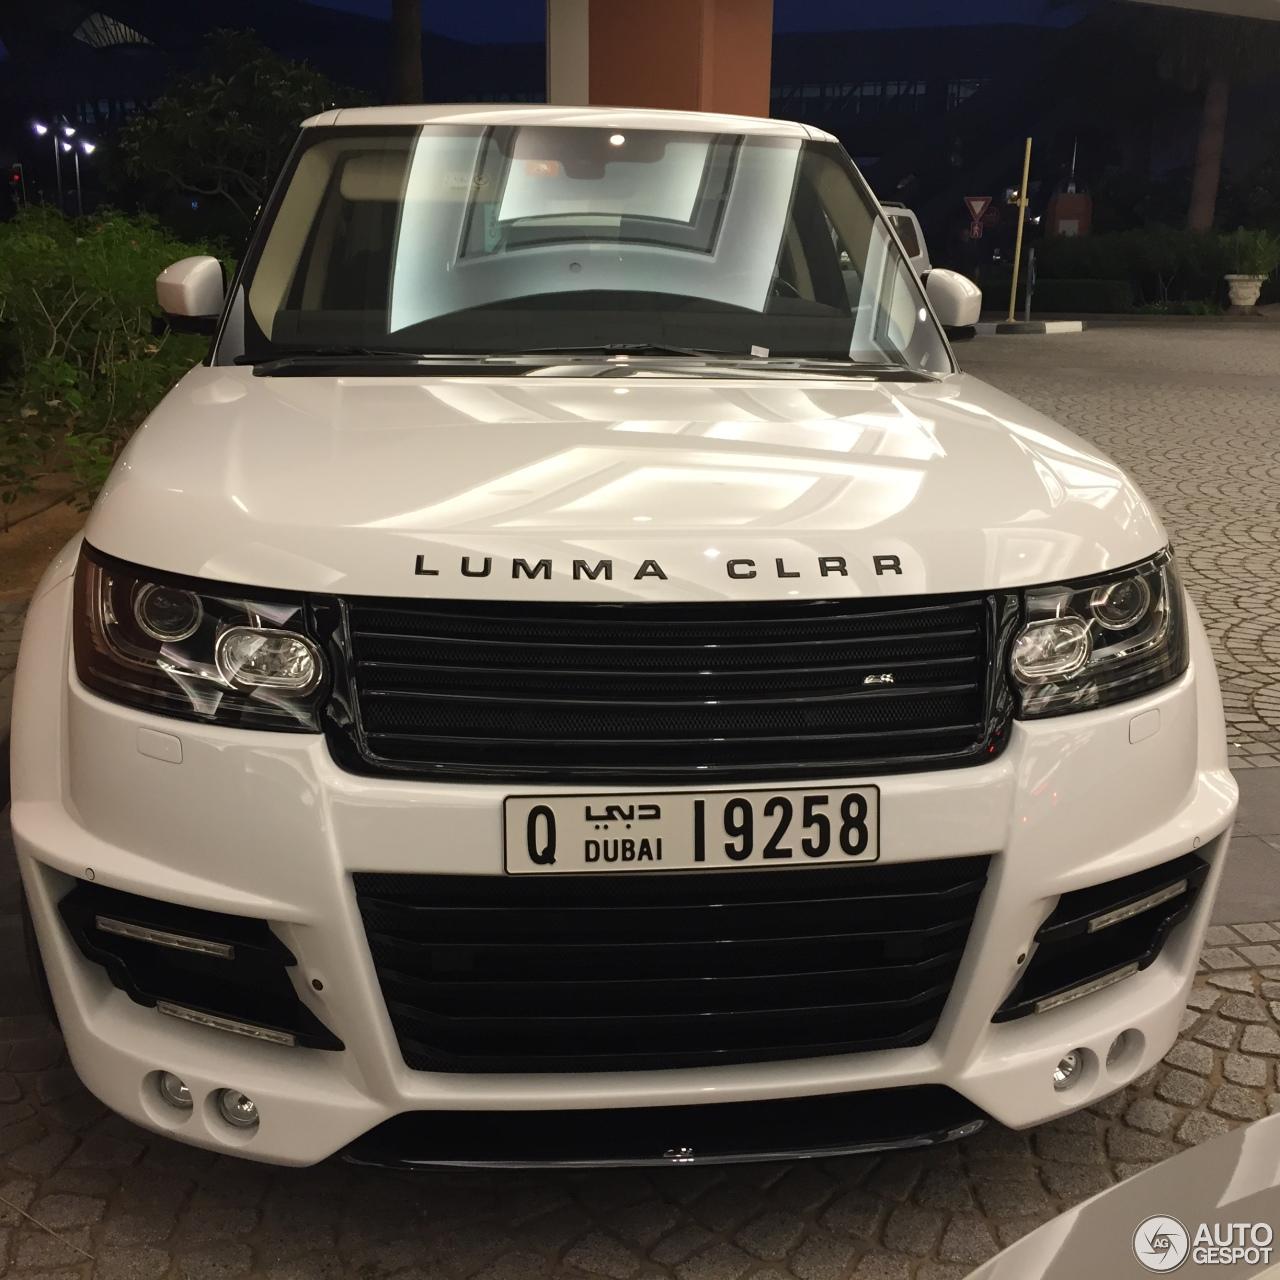 Land Rover 2010 Price: Land Rover Range Rover Lumma CLR R